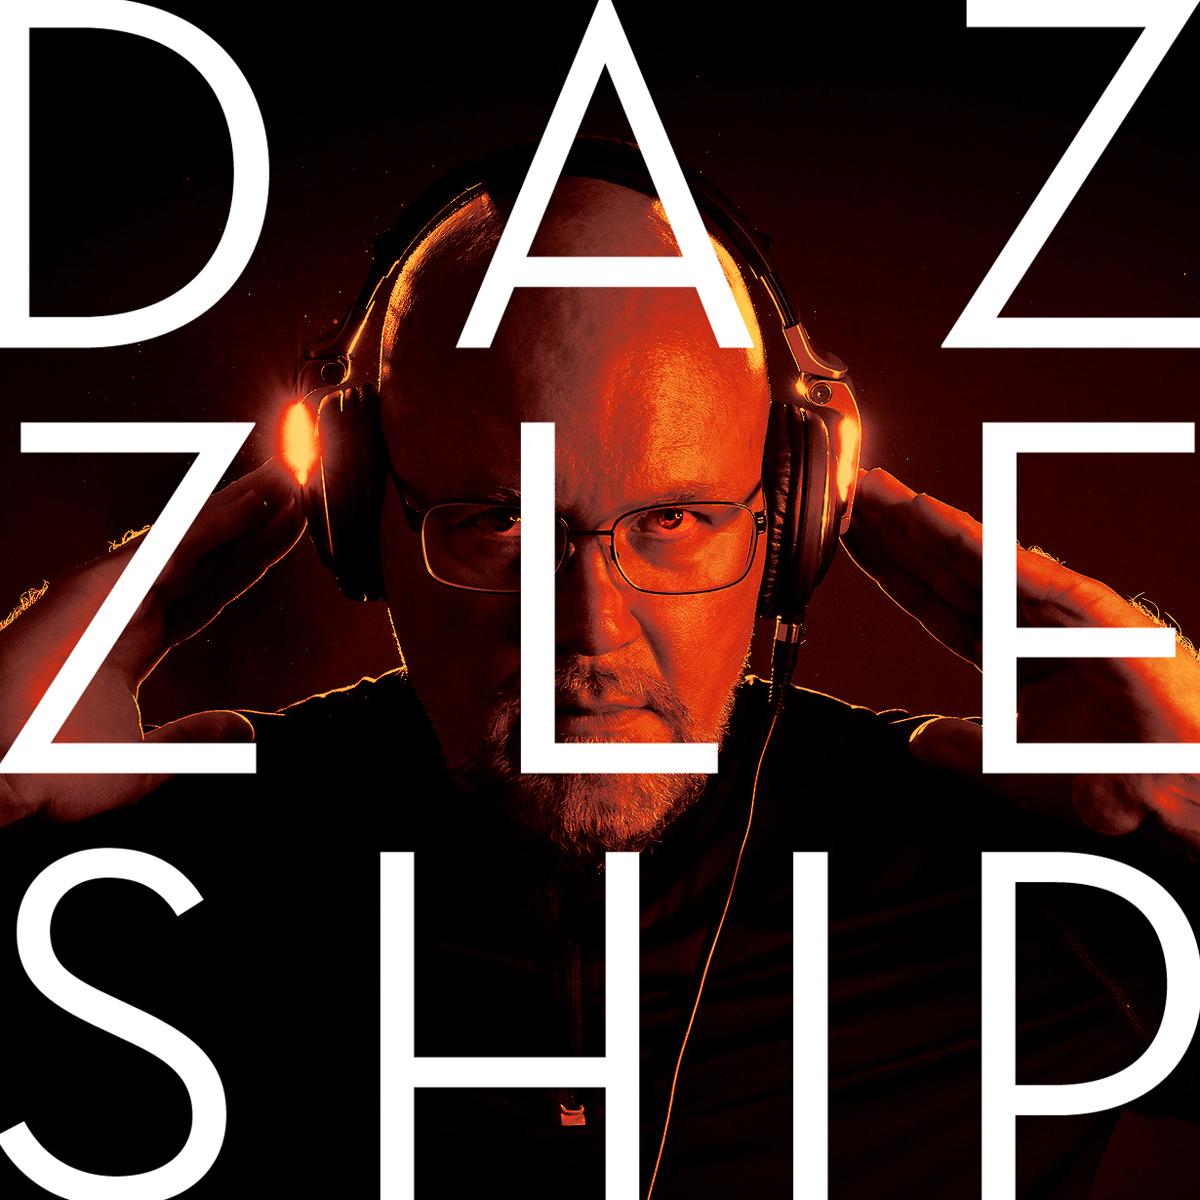 DJ Dazzleship Promo Image